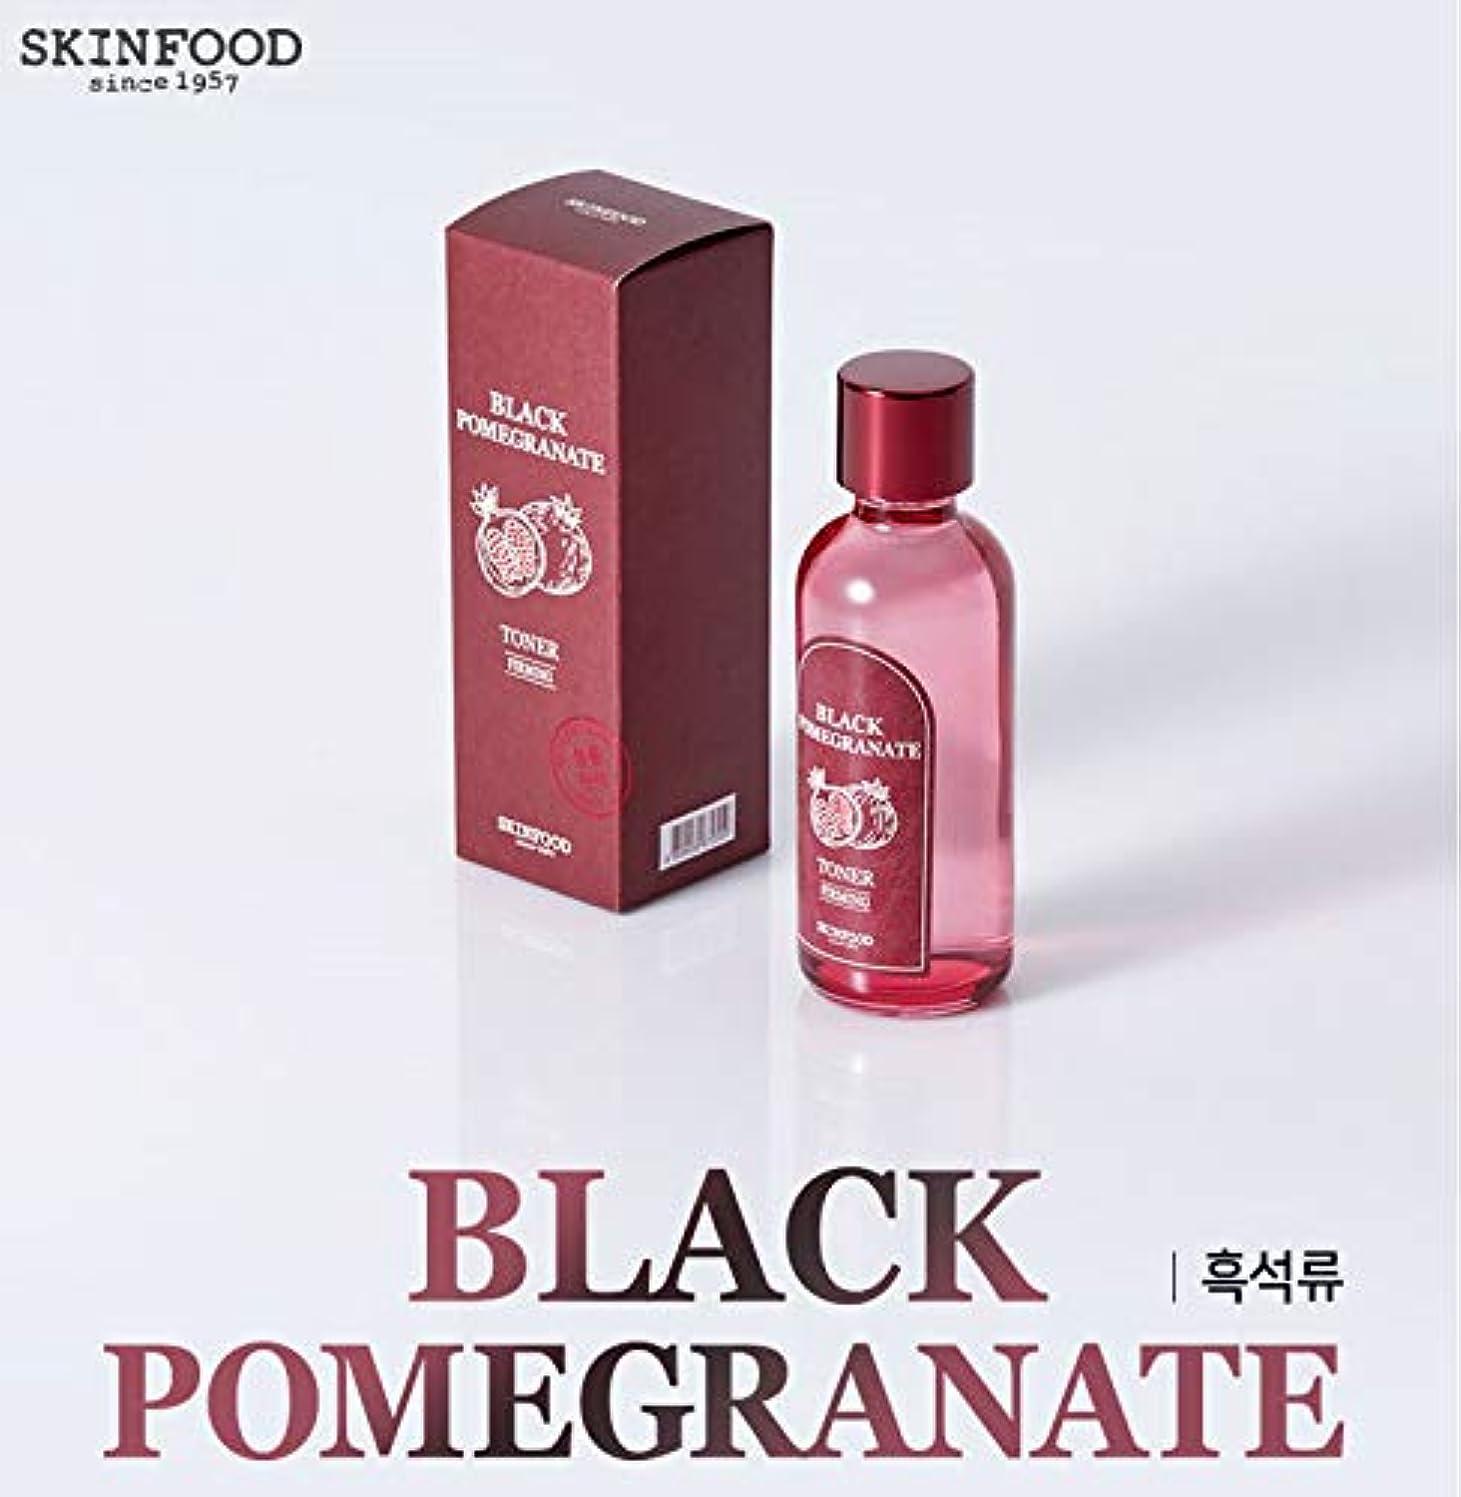 [スキンフード] SKINFOOD [黒ザクロ ベースライン] (Black Pomegranate Skin care) (No.01 Black Pomegranate Toner(180ml)) [並行輸入品]